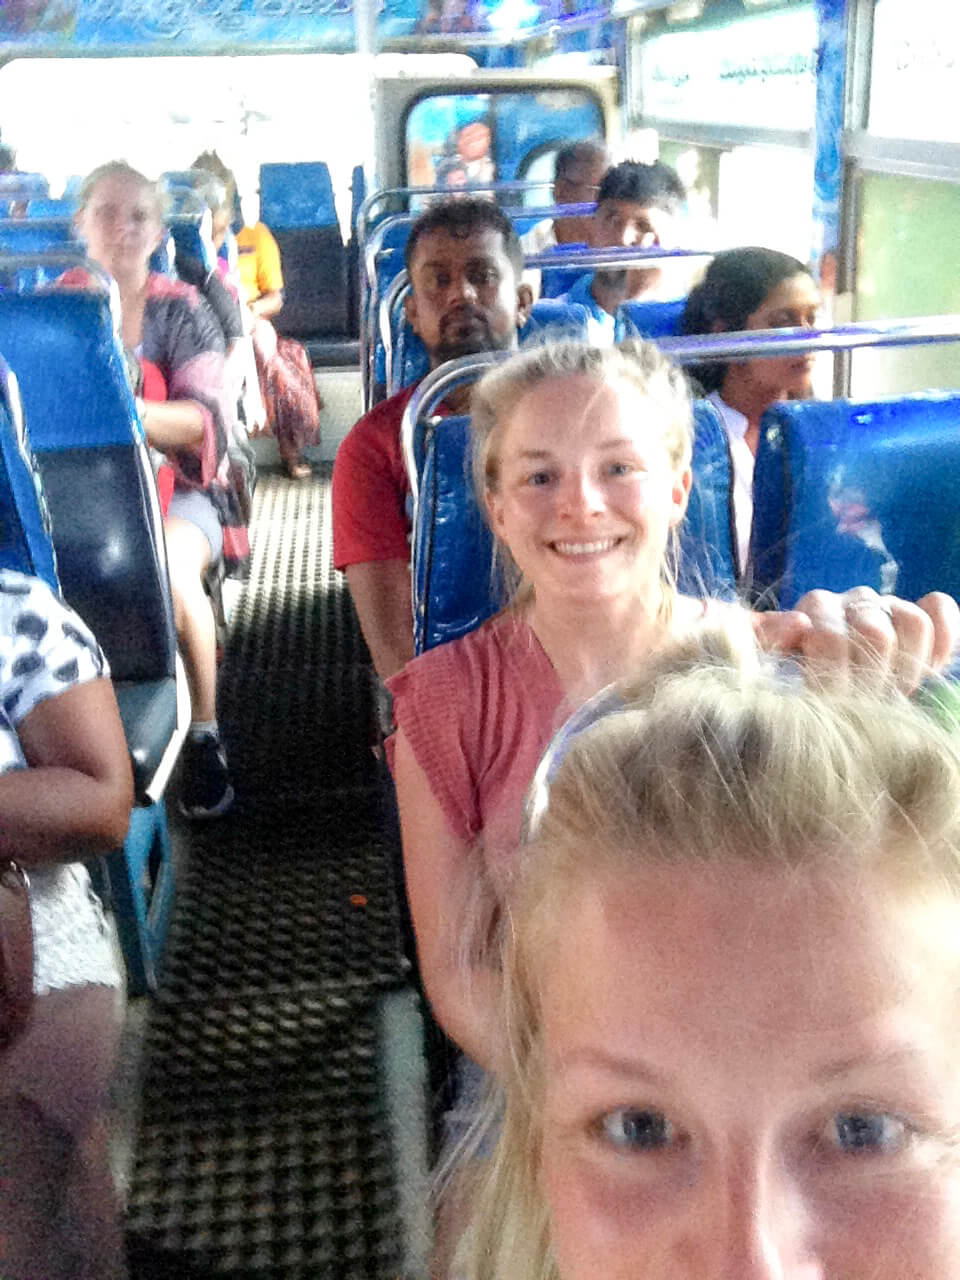 Verrückte Zugfahrt von Mirissa nach Galle - wie das Bild zeigt hat es super viel geruckelt :)